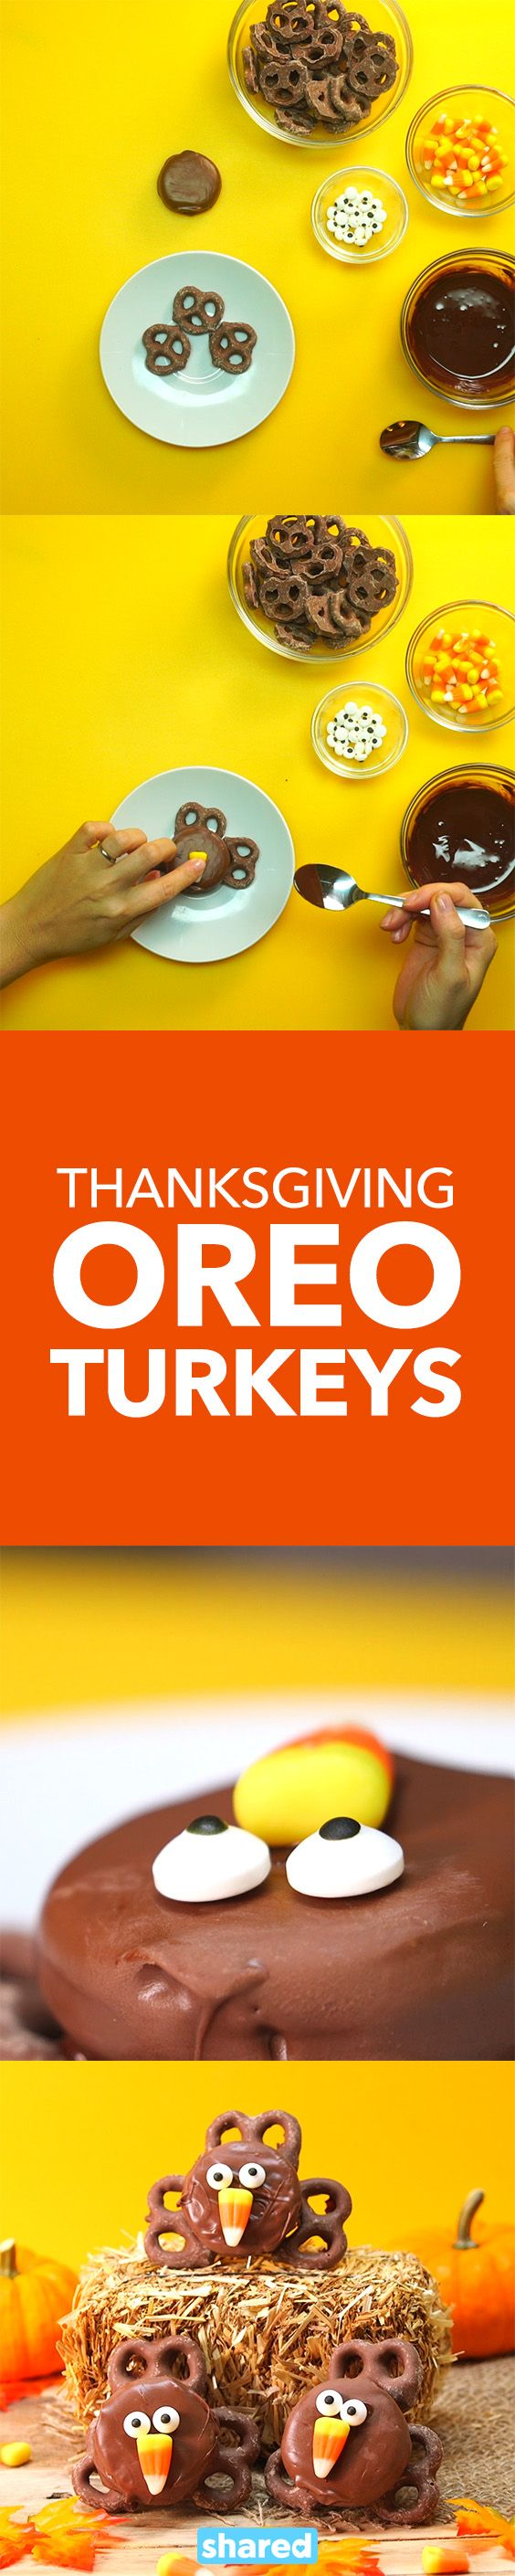 Thanksgiving Oreo Turkeys